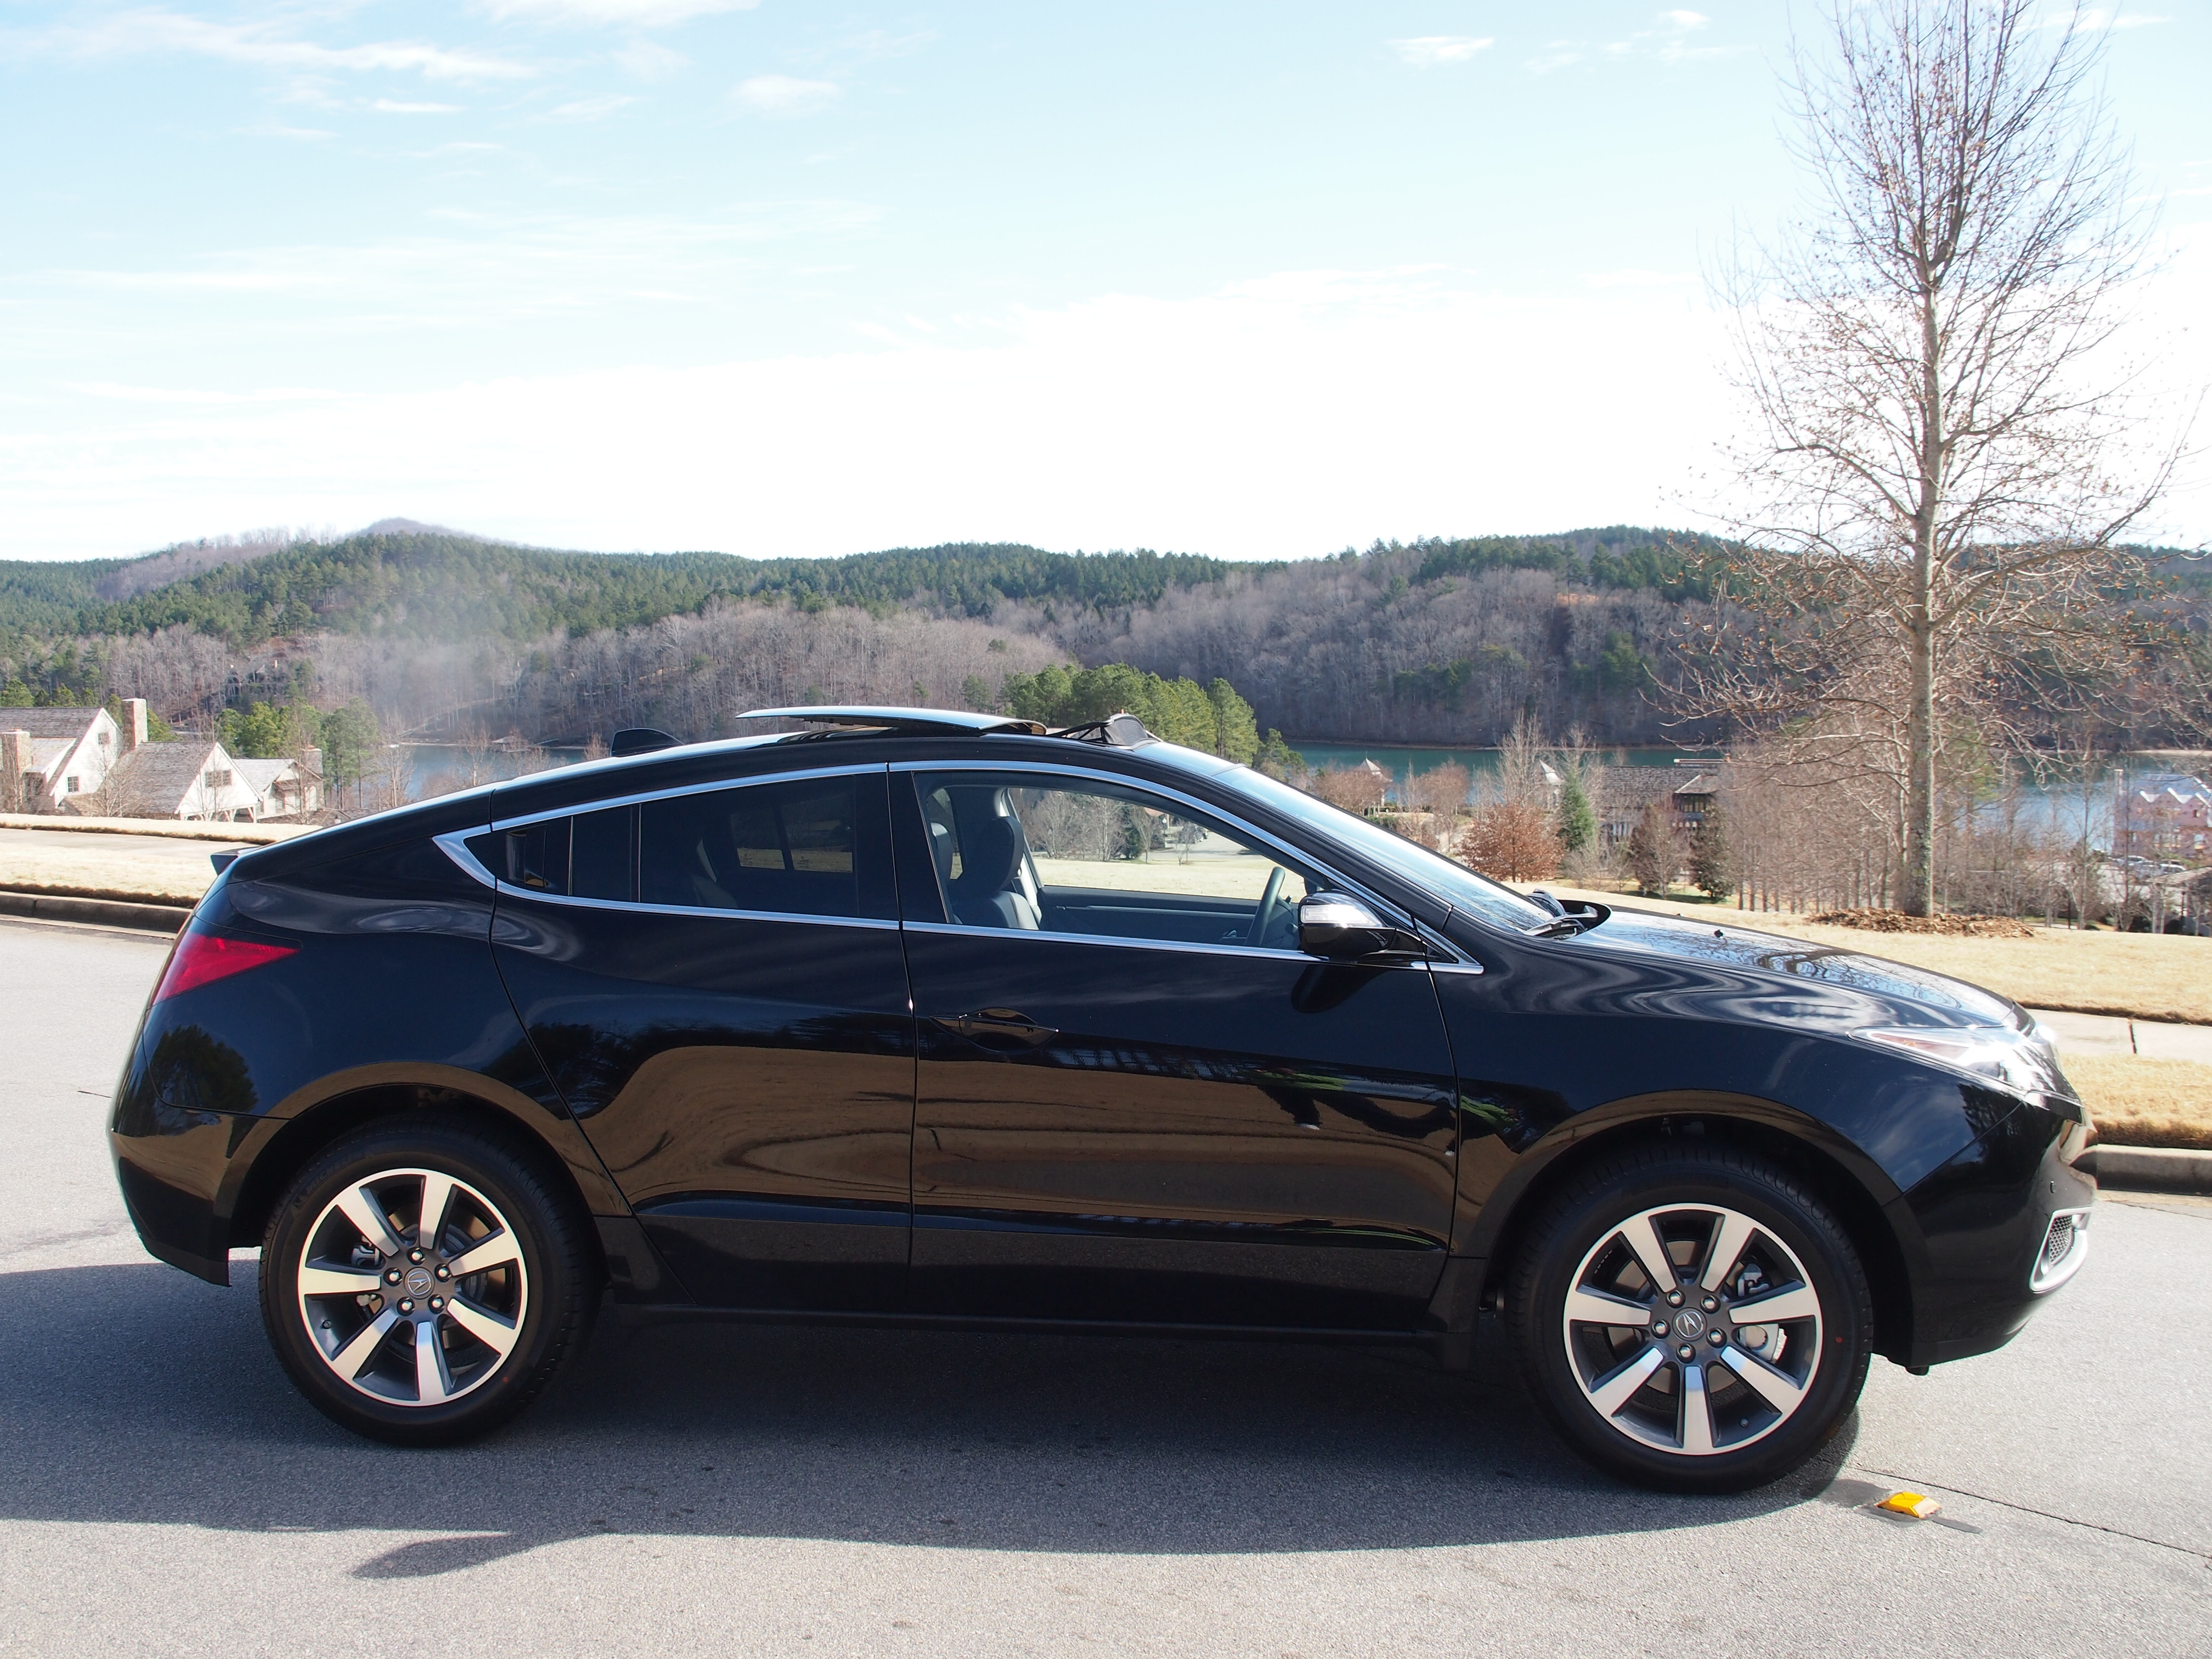 ... 2014 Acura ILX Hybrid besides 2017 Acura RDX White. on acura ilx dash